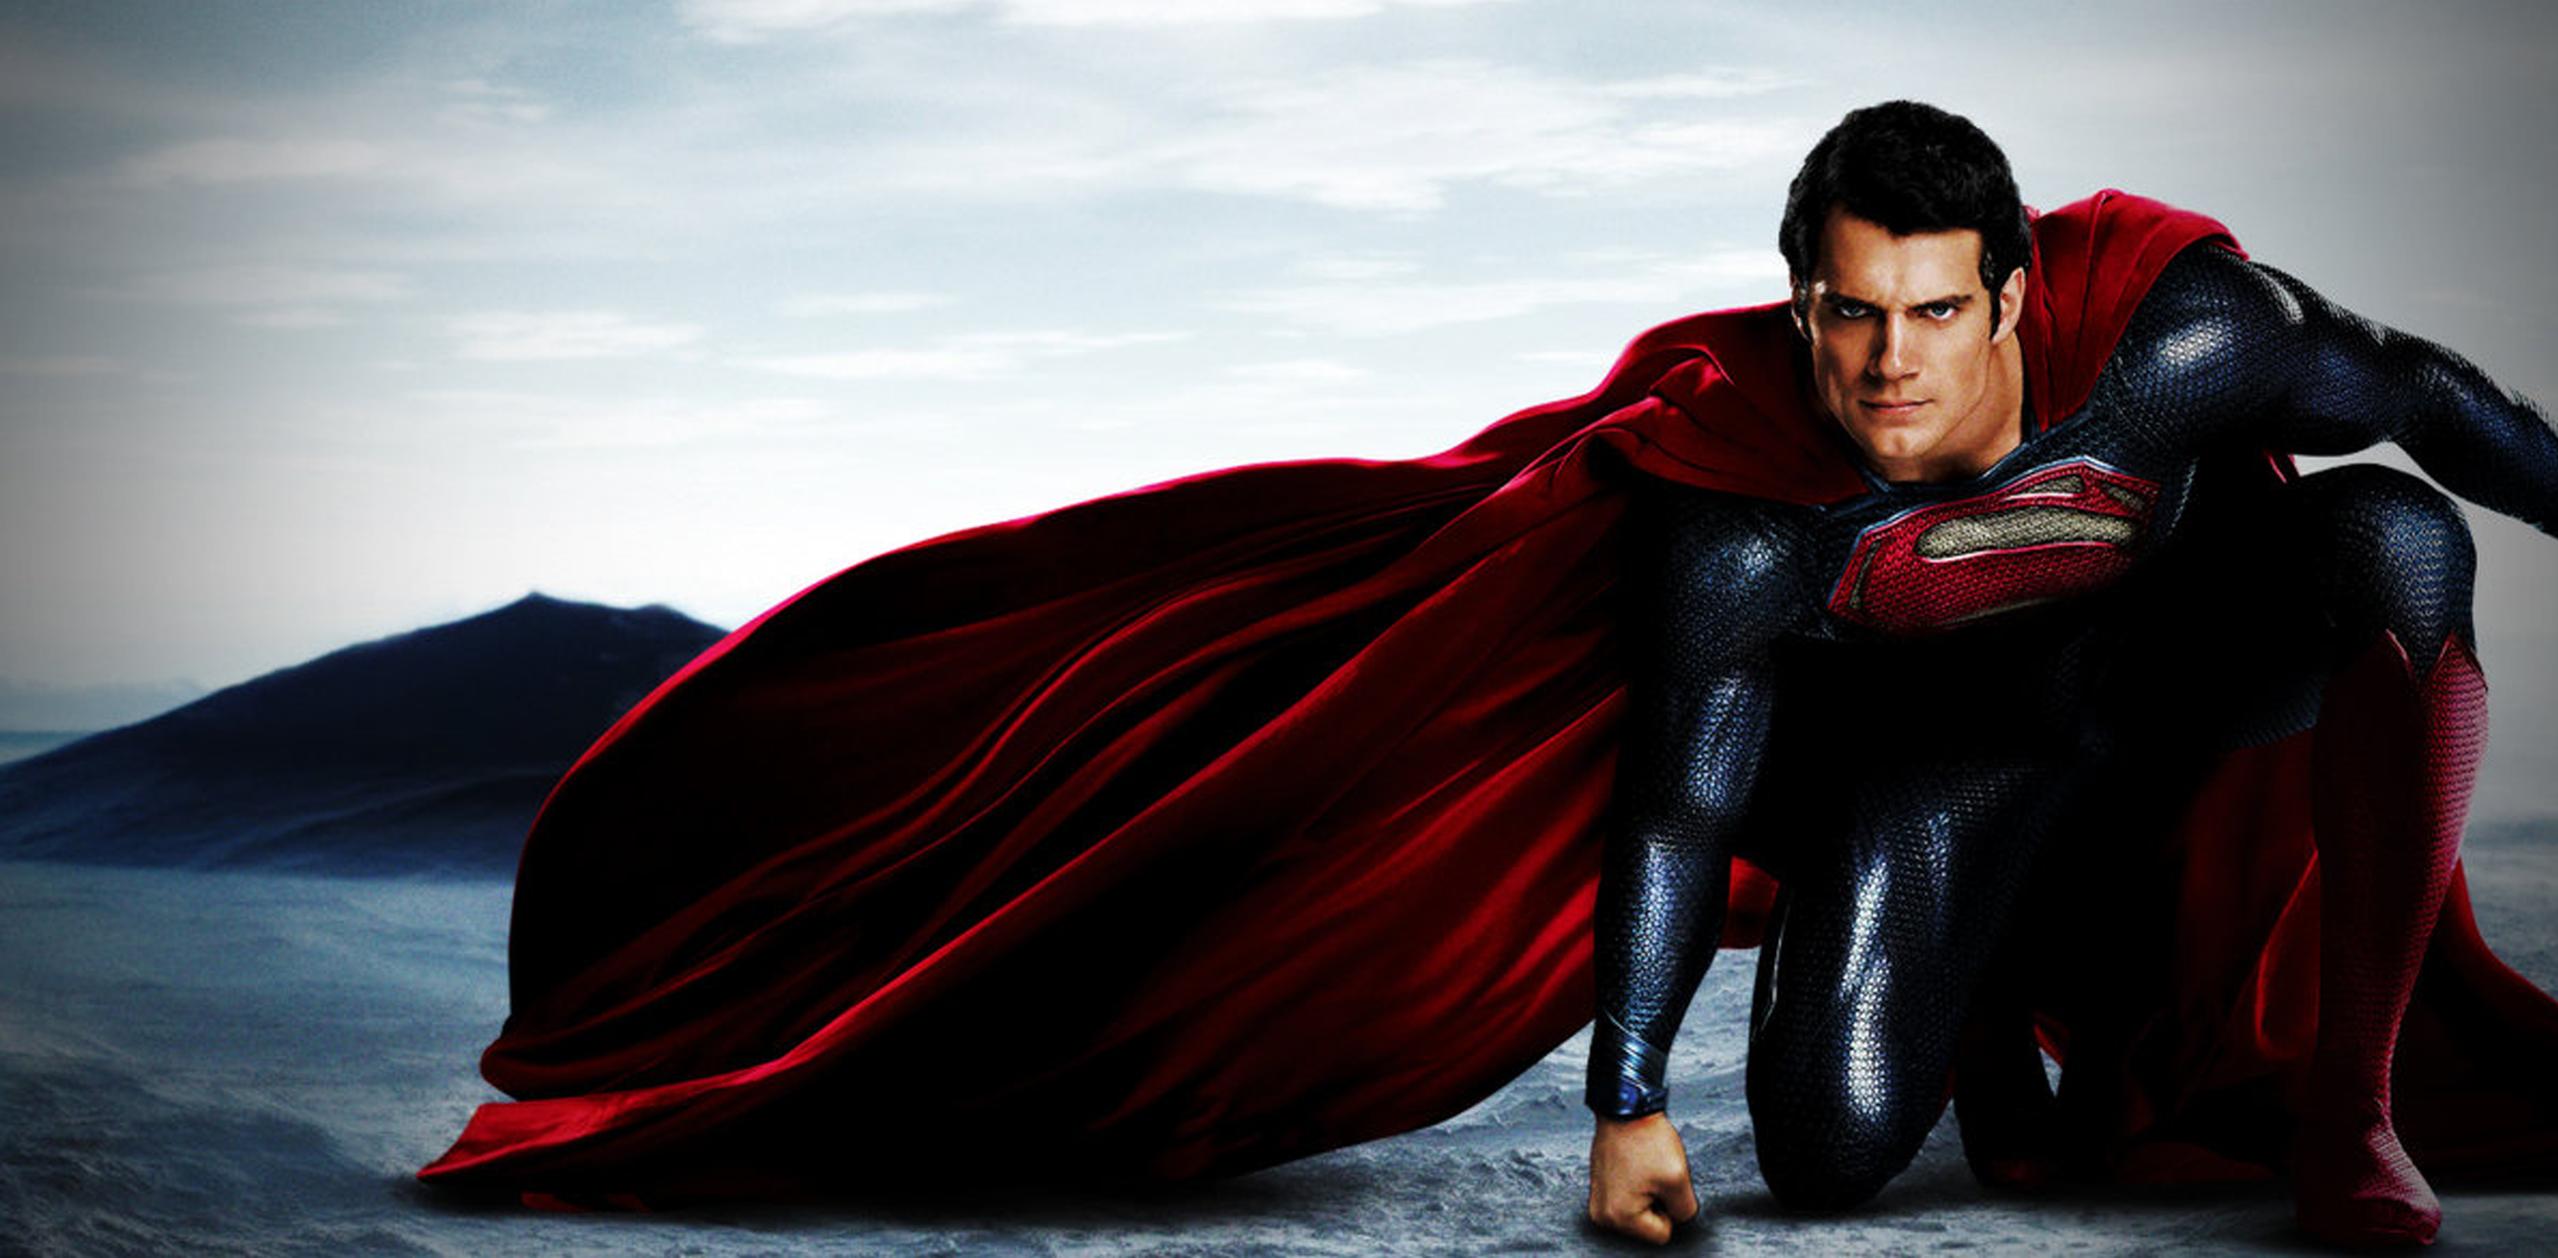 L'Uomo d'Acciaio - Man of Steel